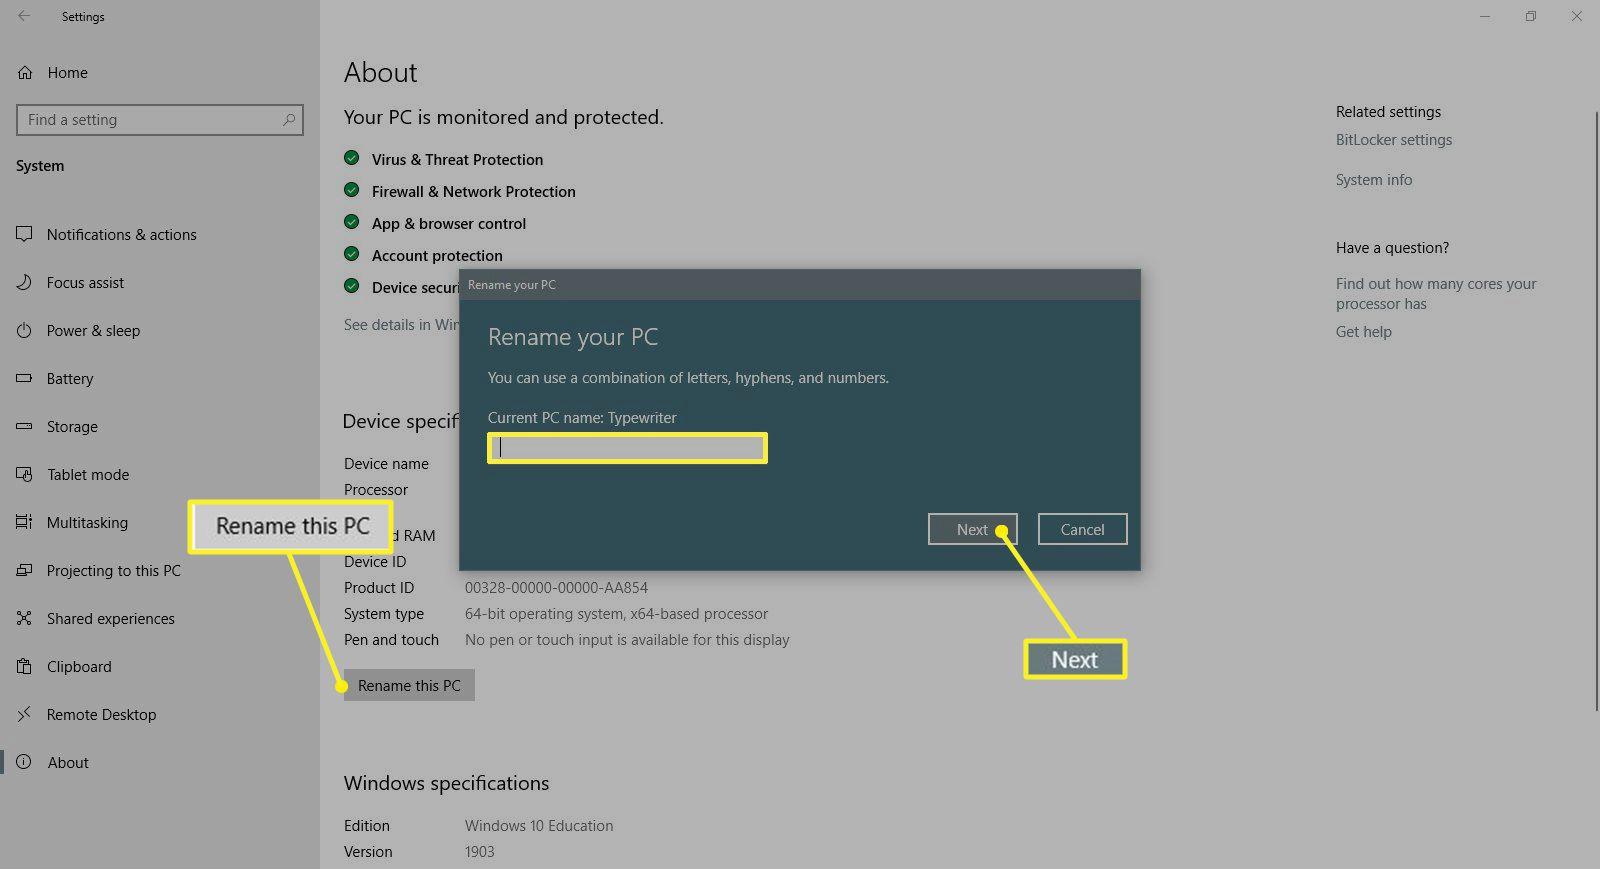 Renaming PC dialog box in Windows 10